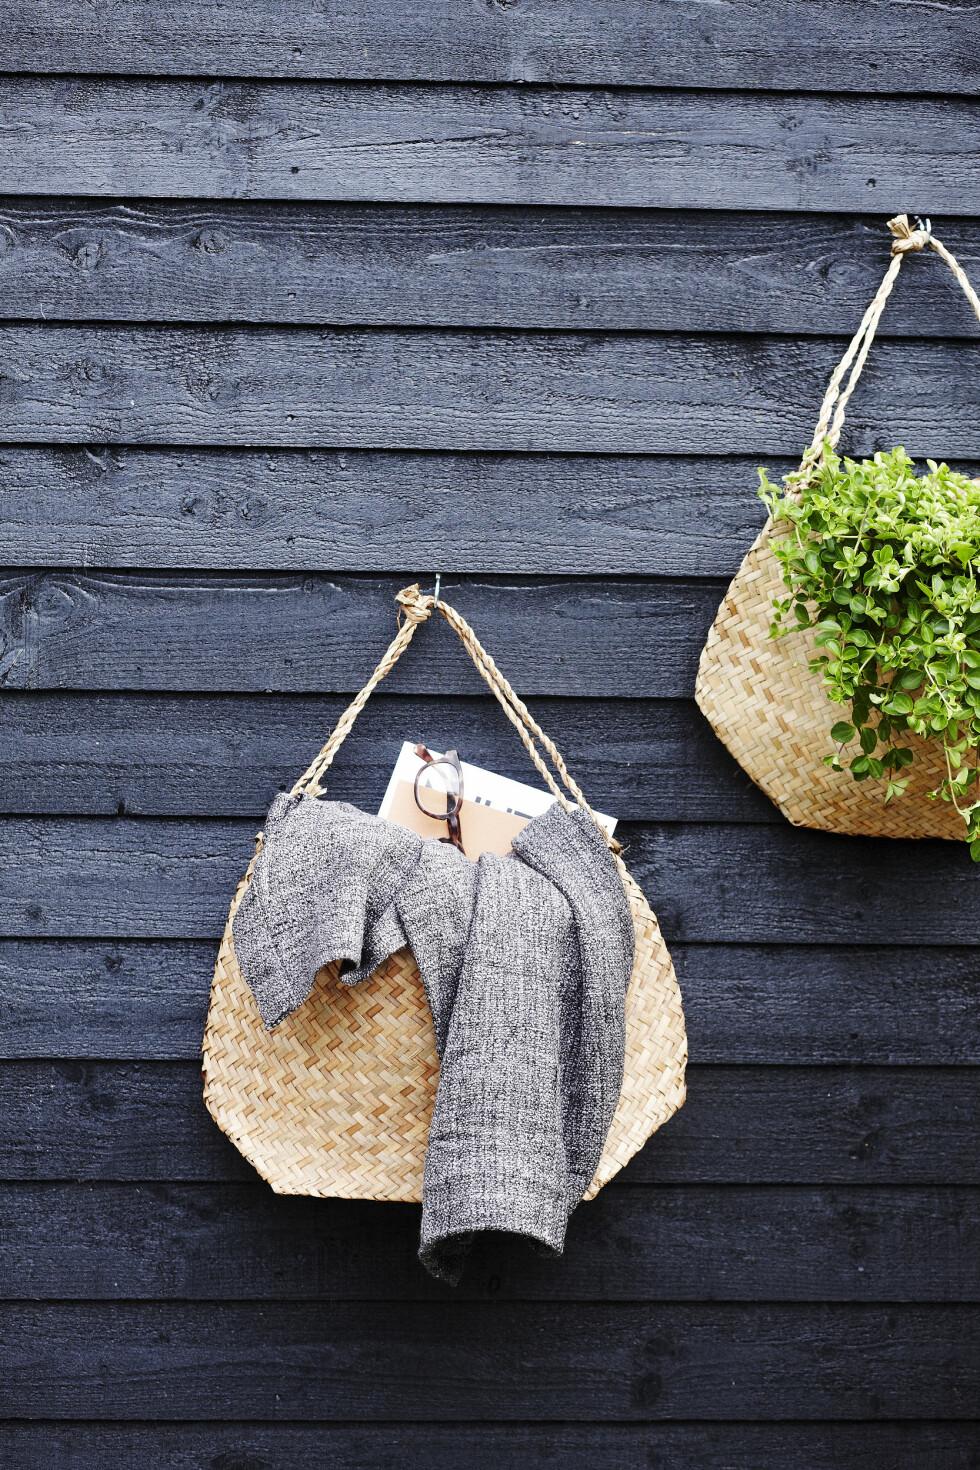 VEGGPRYD: Fest små kroker og knagger på veggen – så kan du henge opp kurver, vesker, stoffstykker, bilder eller tepper. Kjempefin dekor – du trenger bare å finne din egen stil. Her har vi hengt opp kurver til både planter og oppbevaring av for eksempel magasiner. Fint, ikke sant?  Foto: Mette Wotkjær